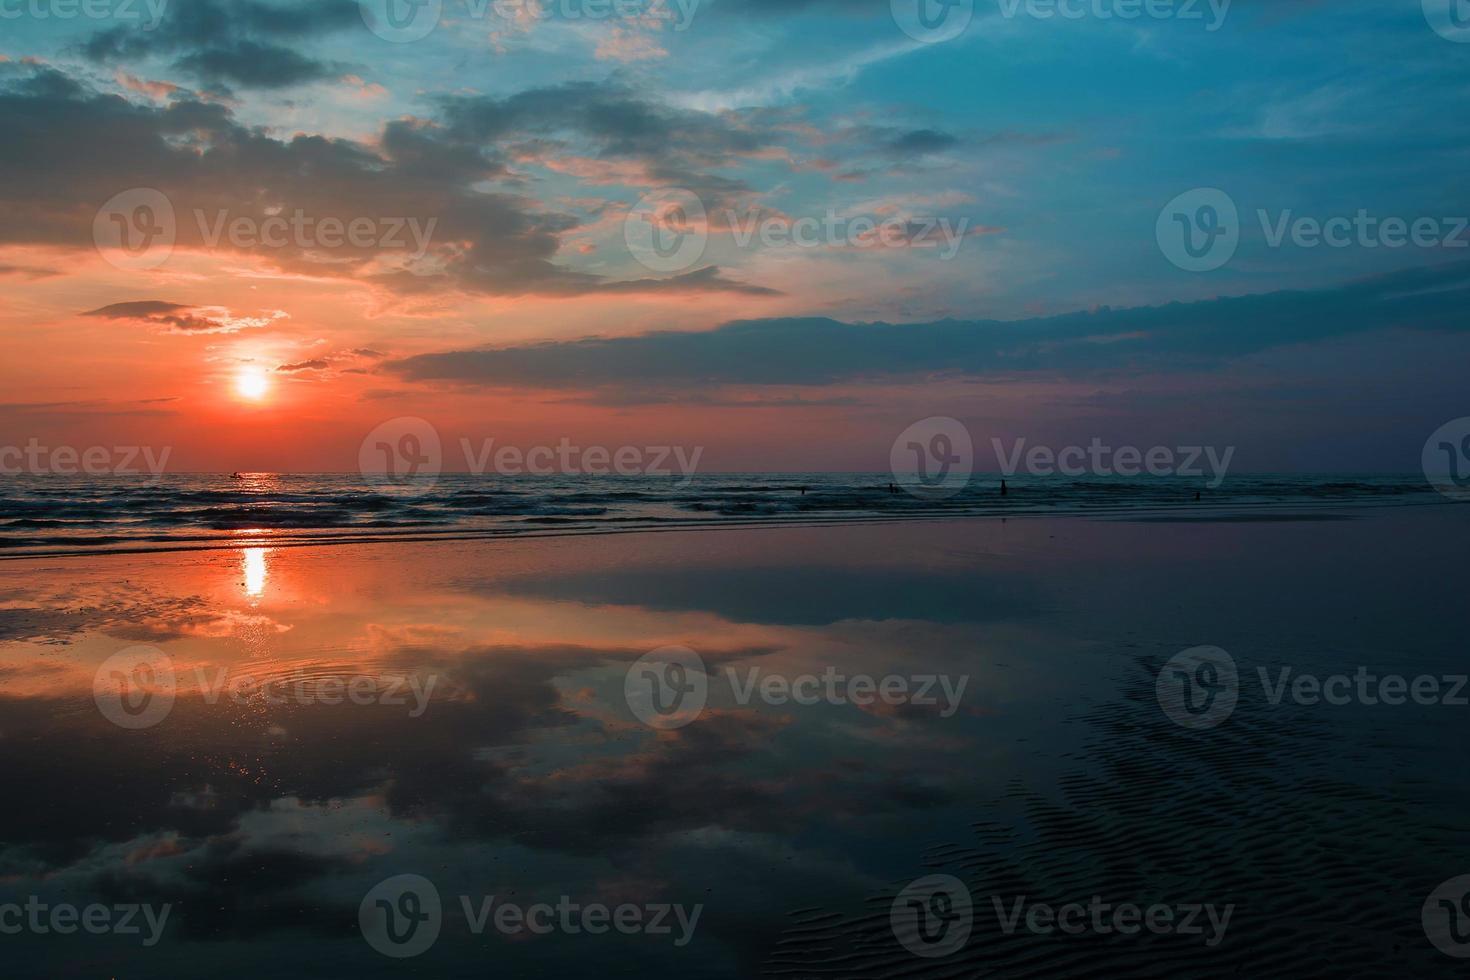 bösartiger Sonnenaufgang zum Sonnenuntergang roter Himmel am Meer. foto